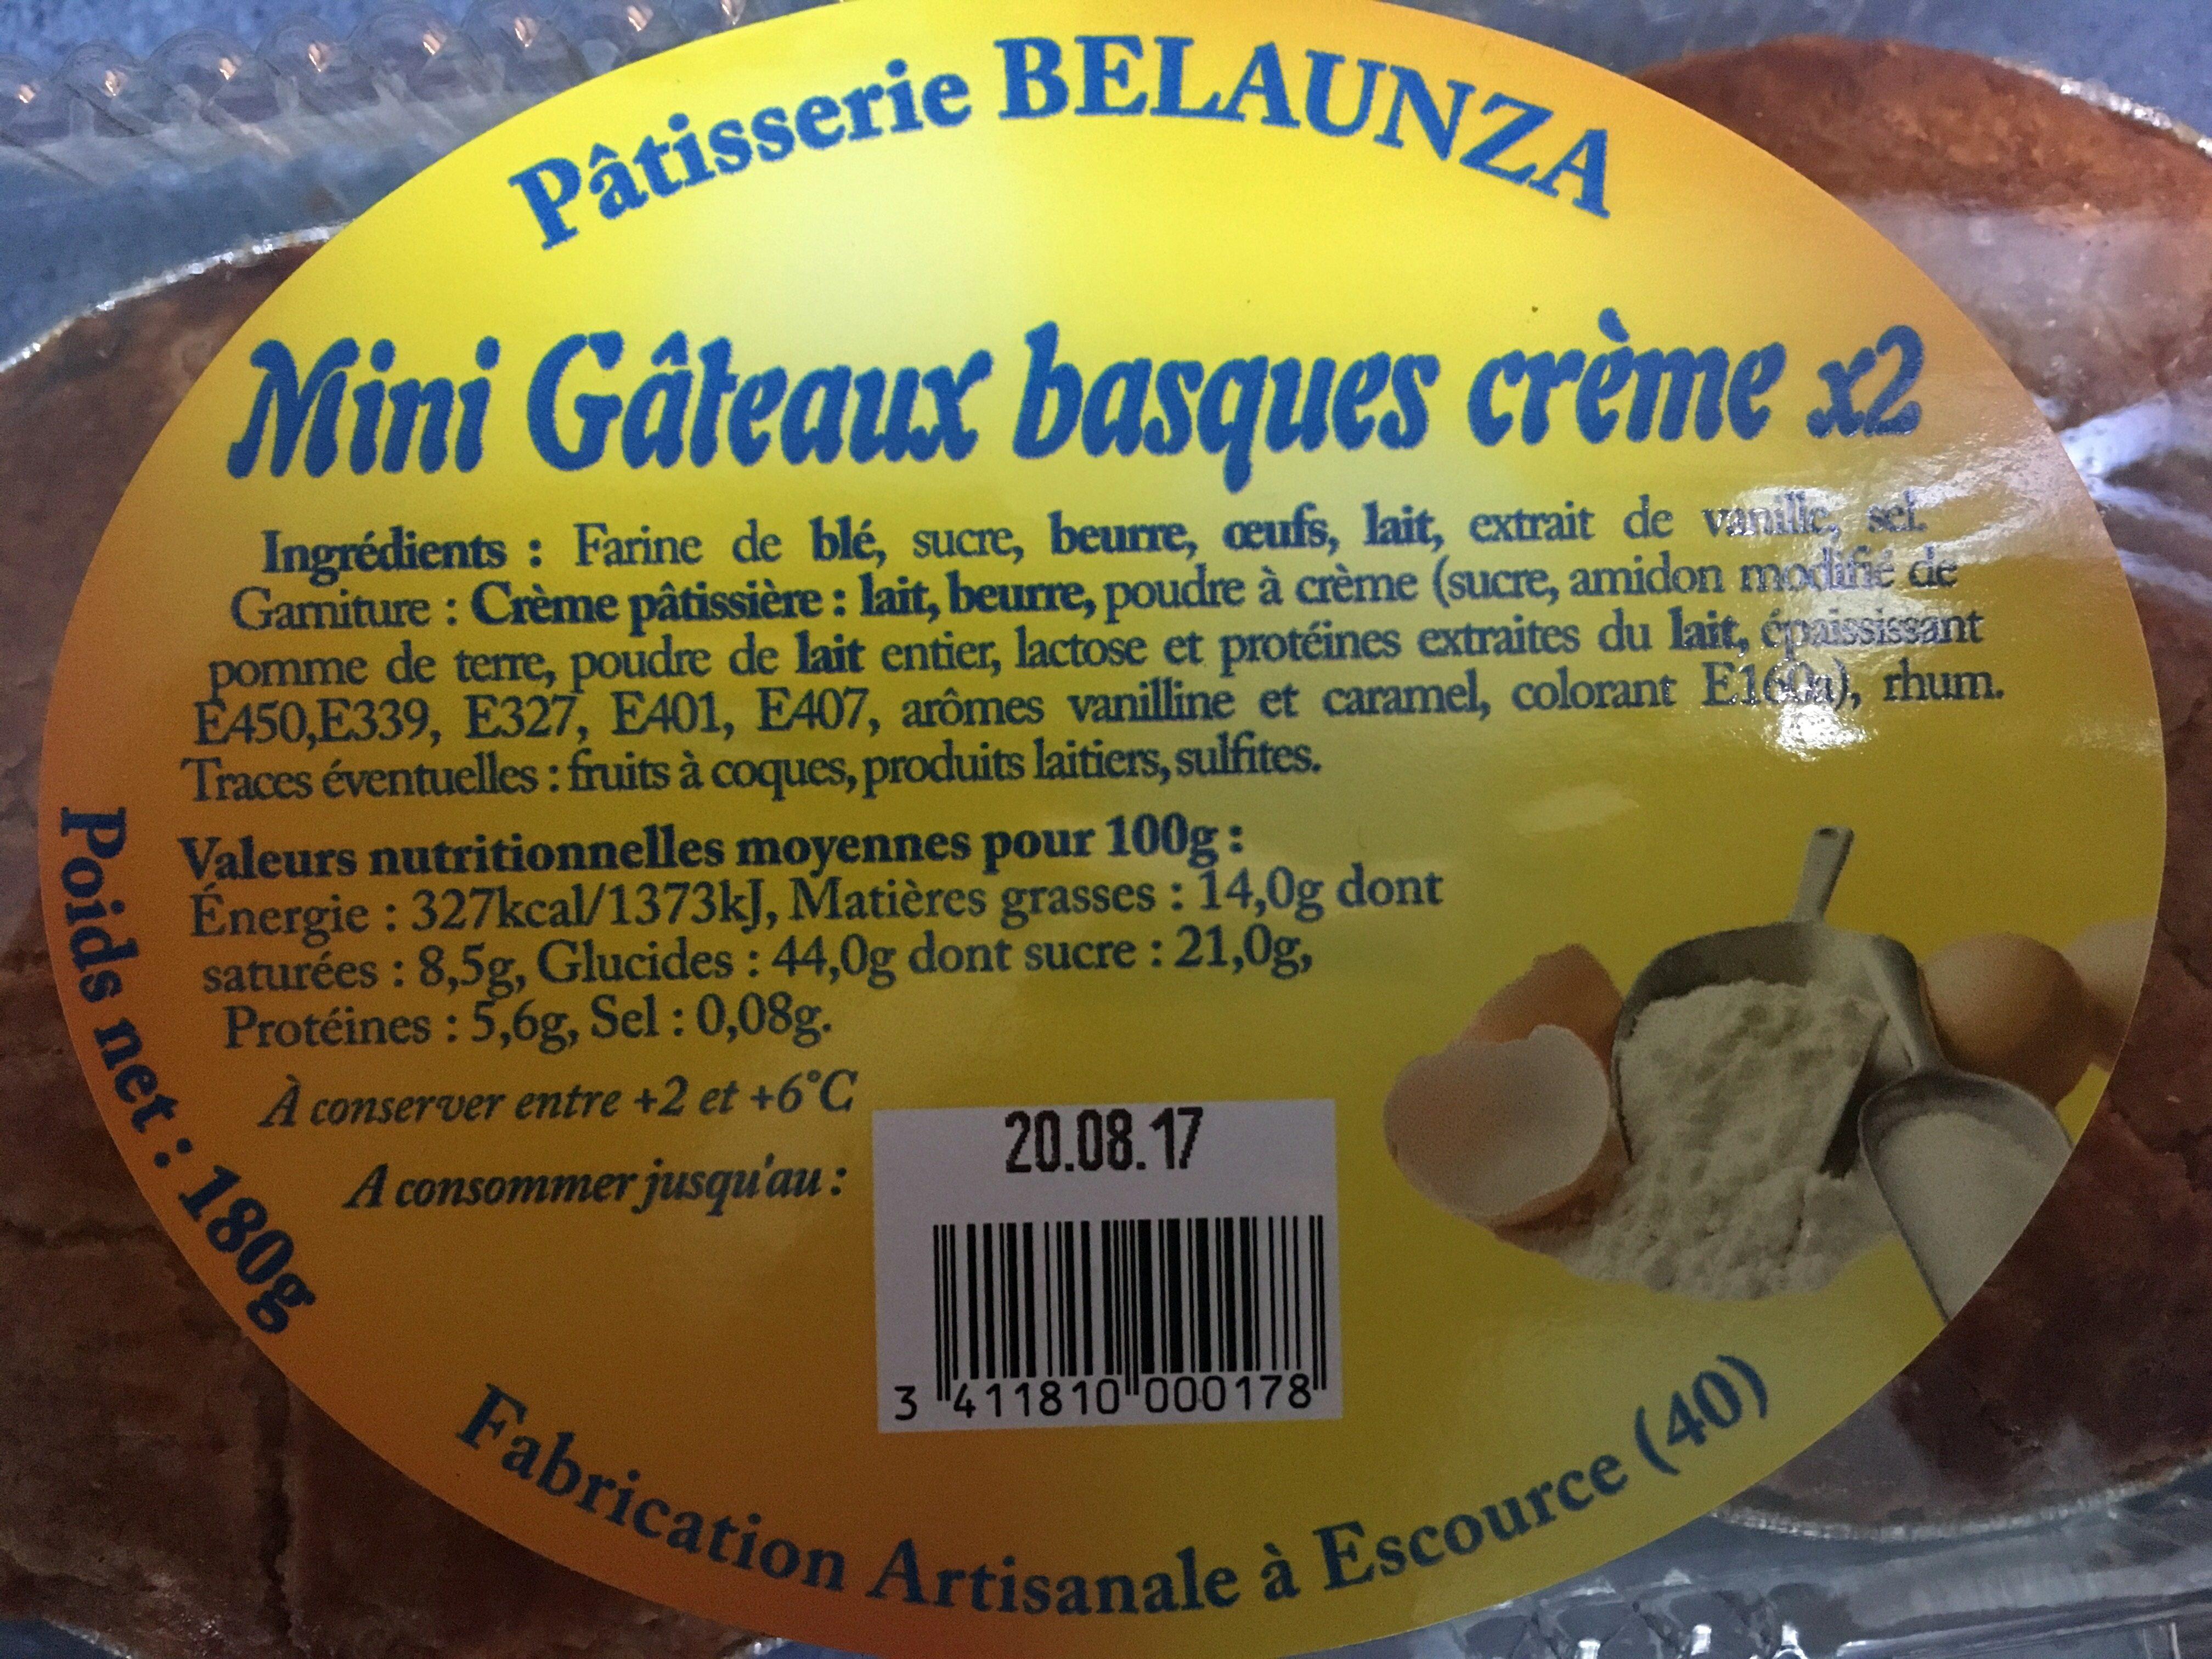 Mini gâteaux basques crème x2 - Product - fr